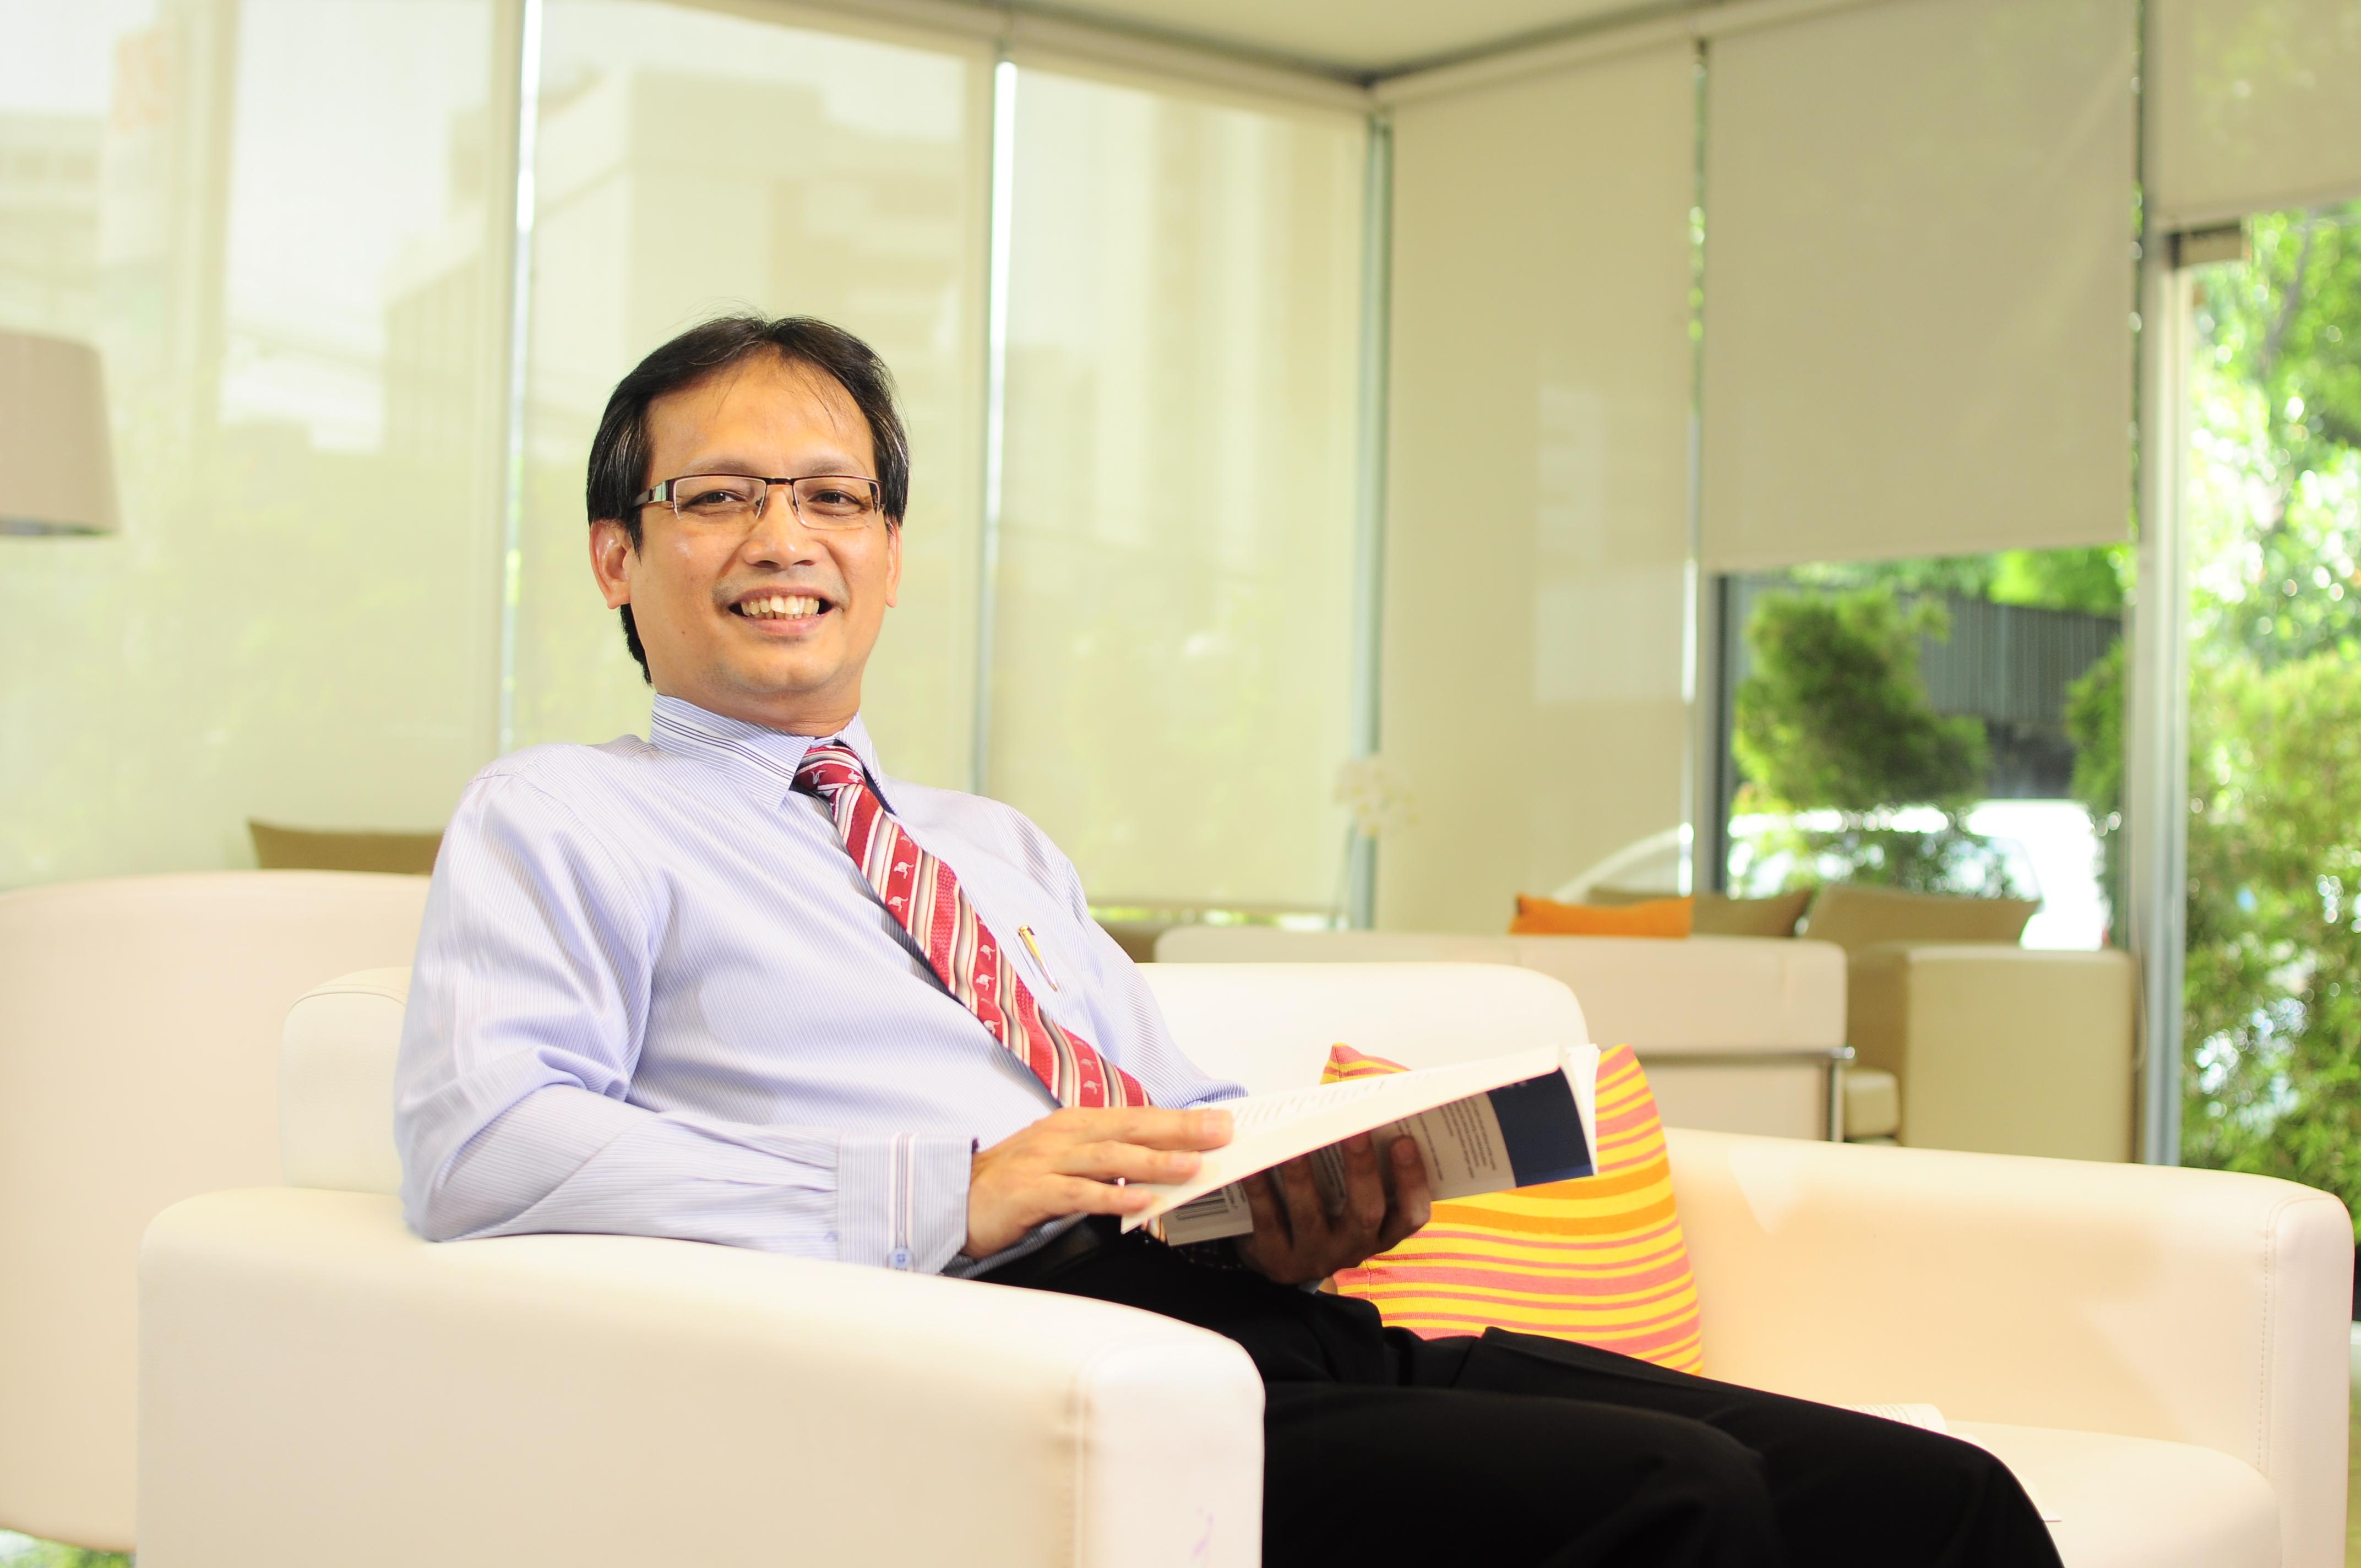 Direktur Umum dan SDM BPJS Ketenagakerjaan Naufal Mahfudz : Siapkan SDM Berintegritas dan Menjadi Global People